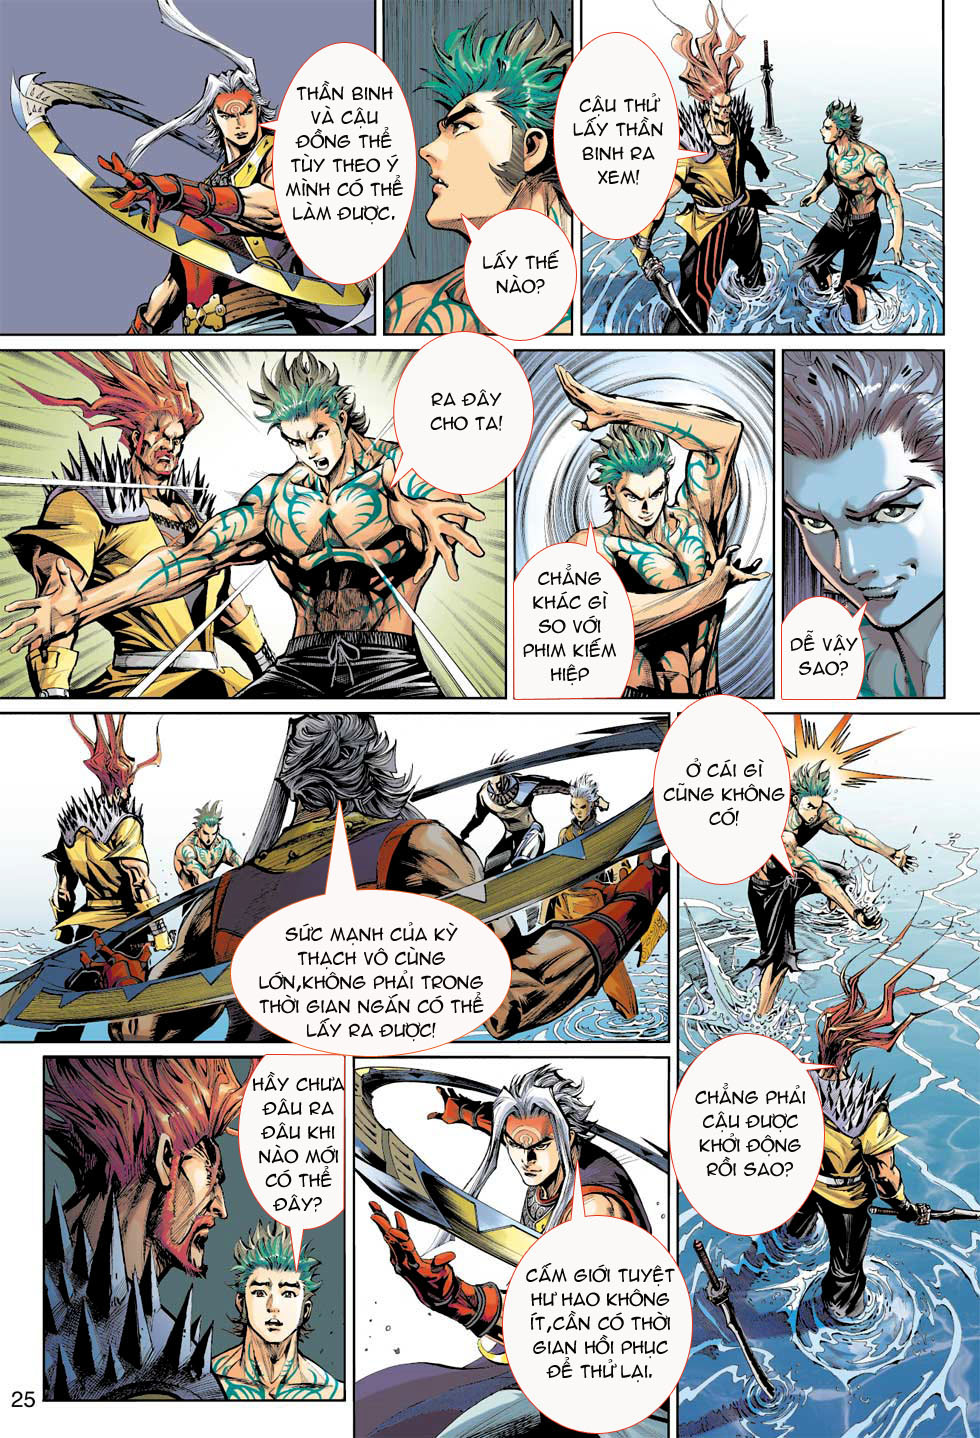 Thần Binh 4 chap 8 - Trang 25